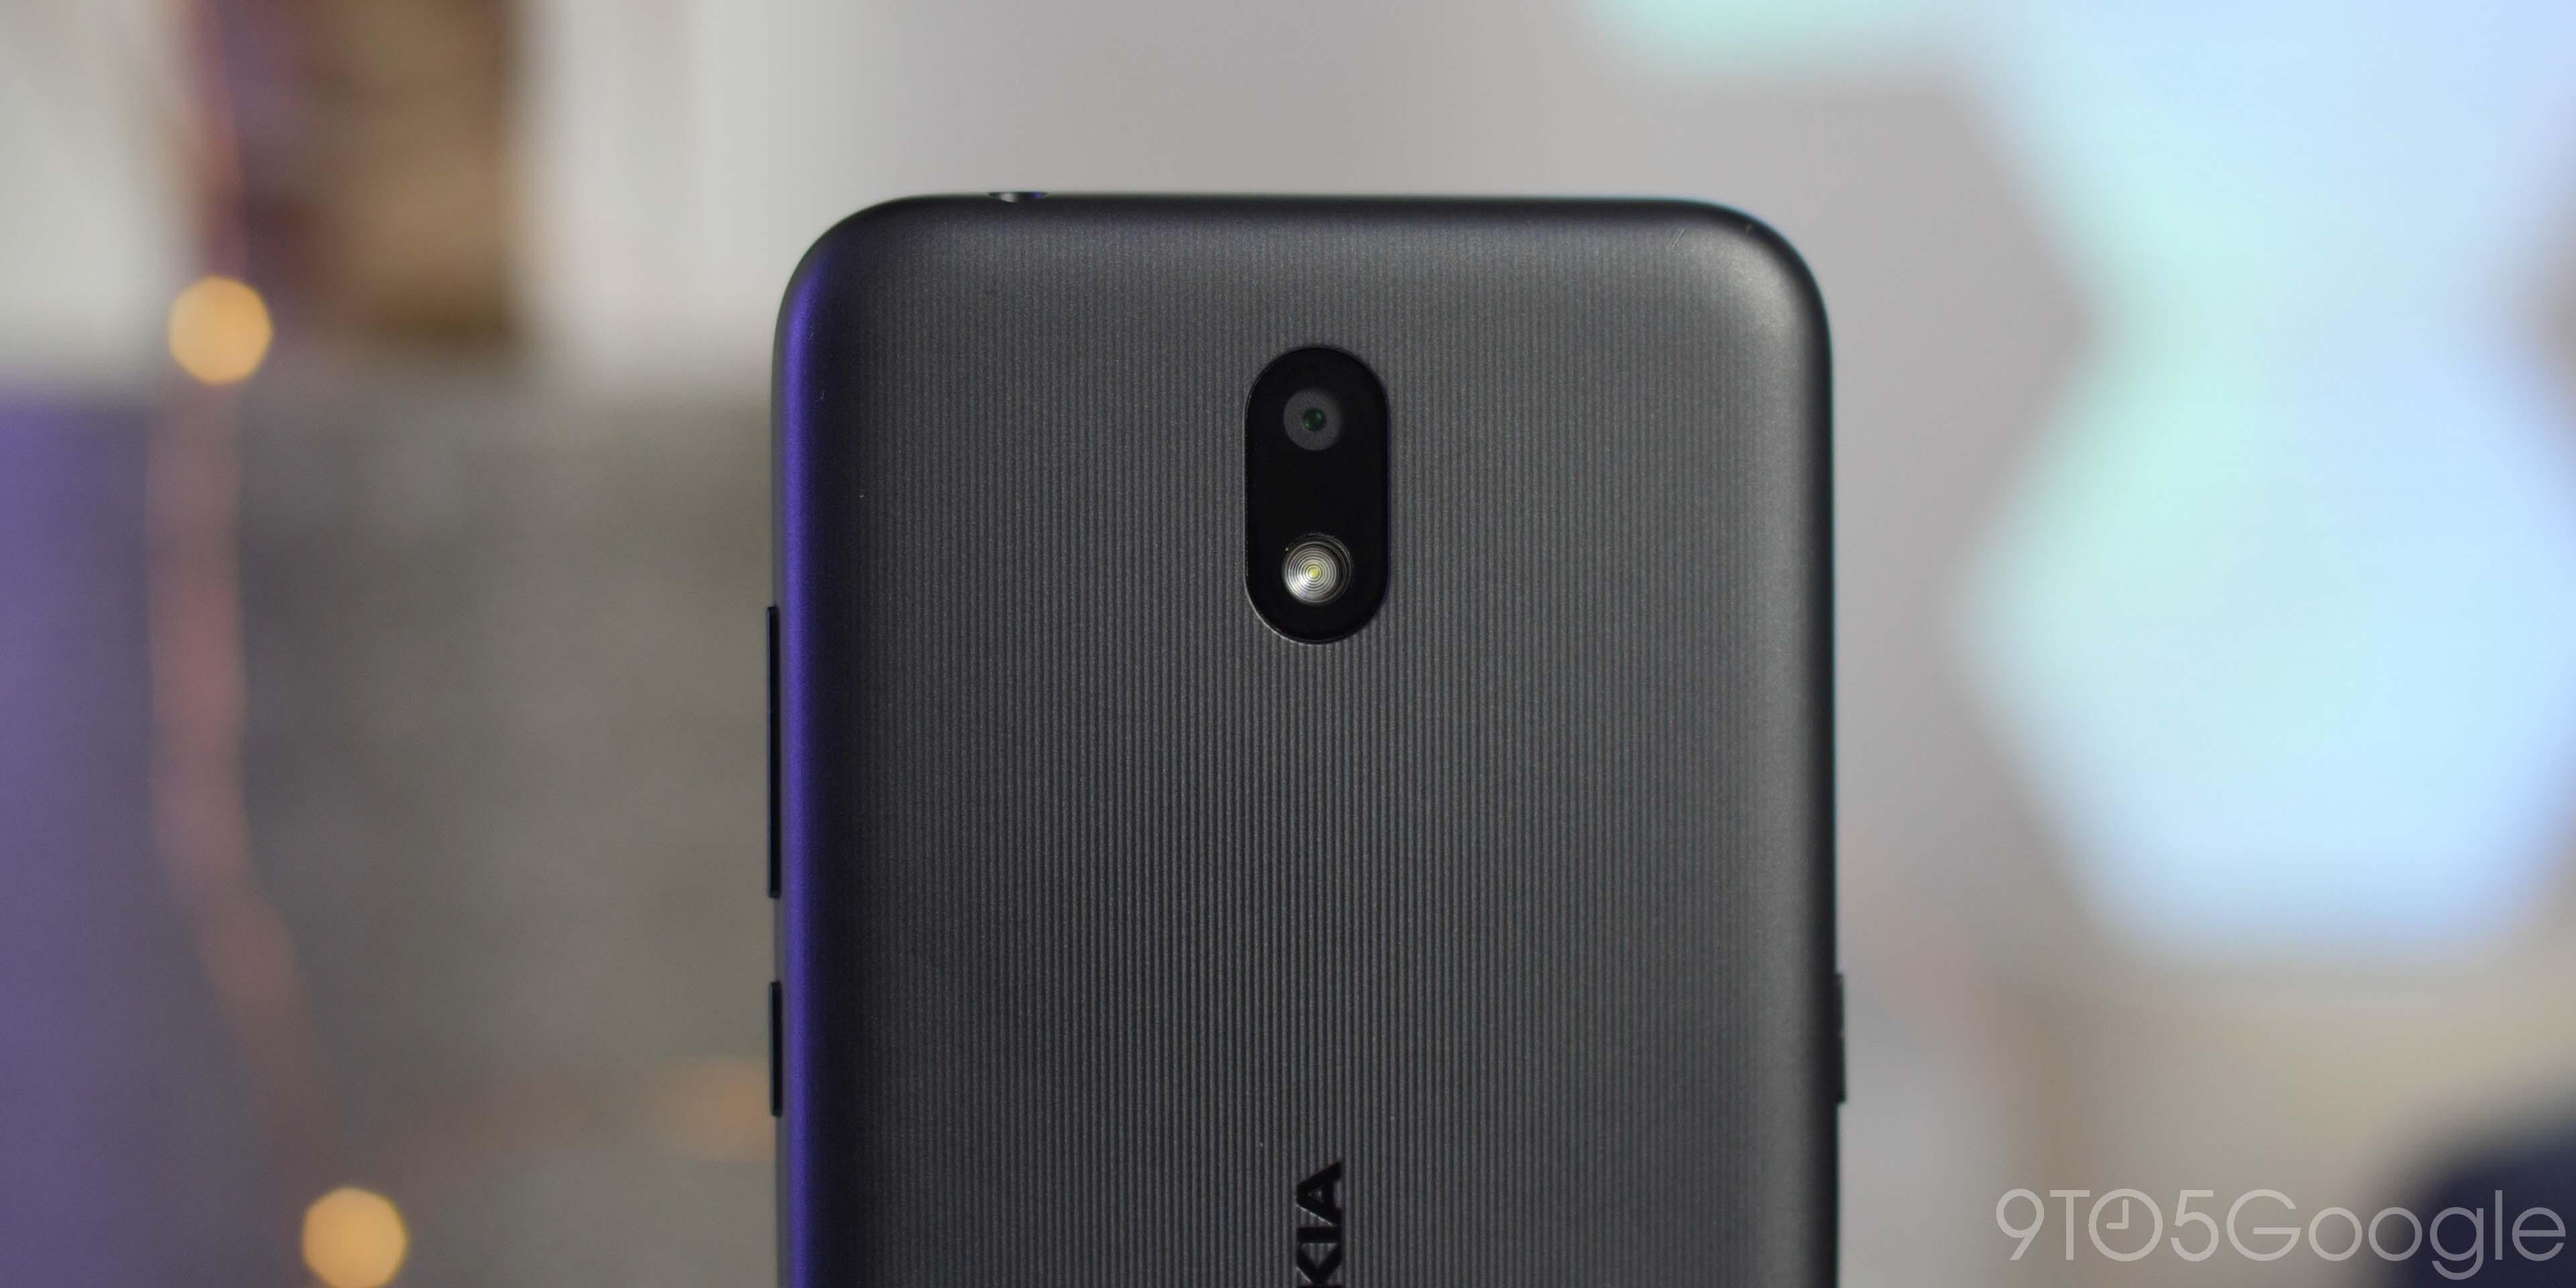 Nokia 1.3 camera